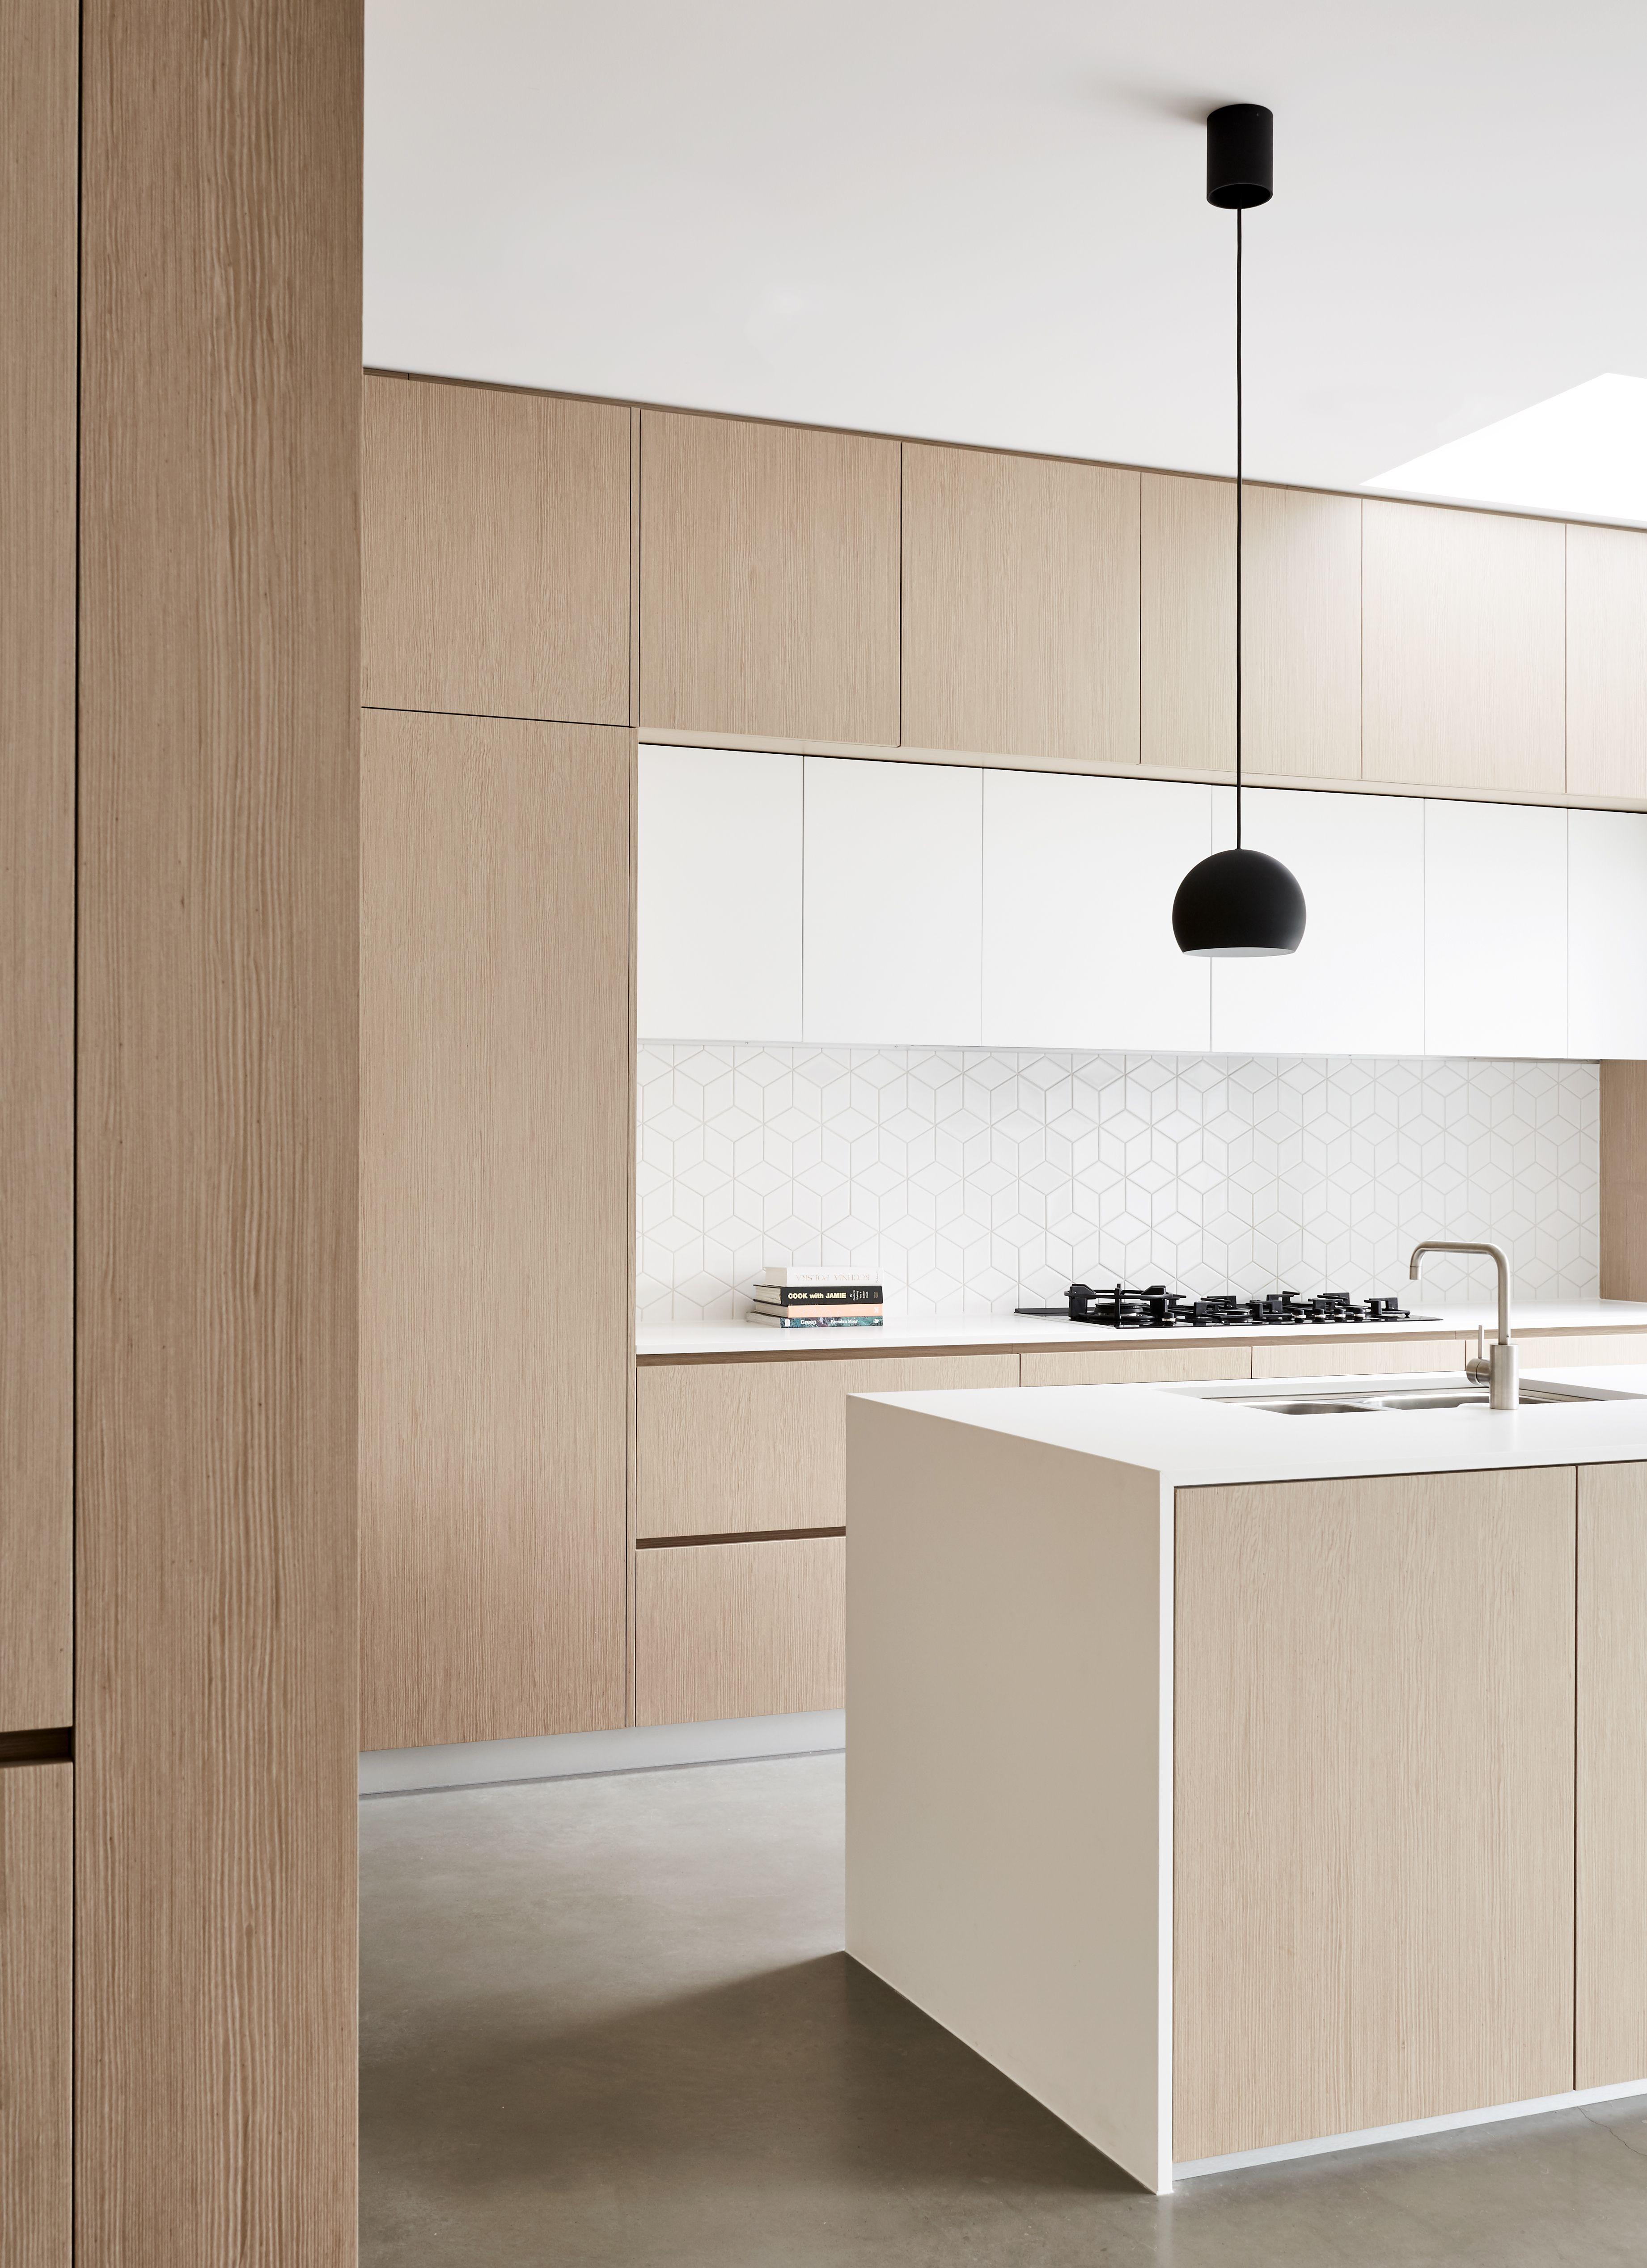 Kitchen   Wooden Finish   White Top   White Tiles   Concrete Flooring    Minimal Design